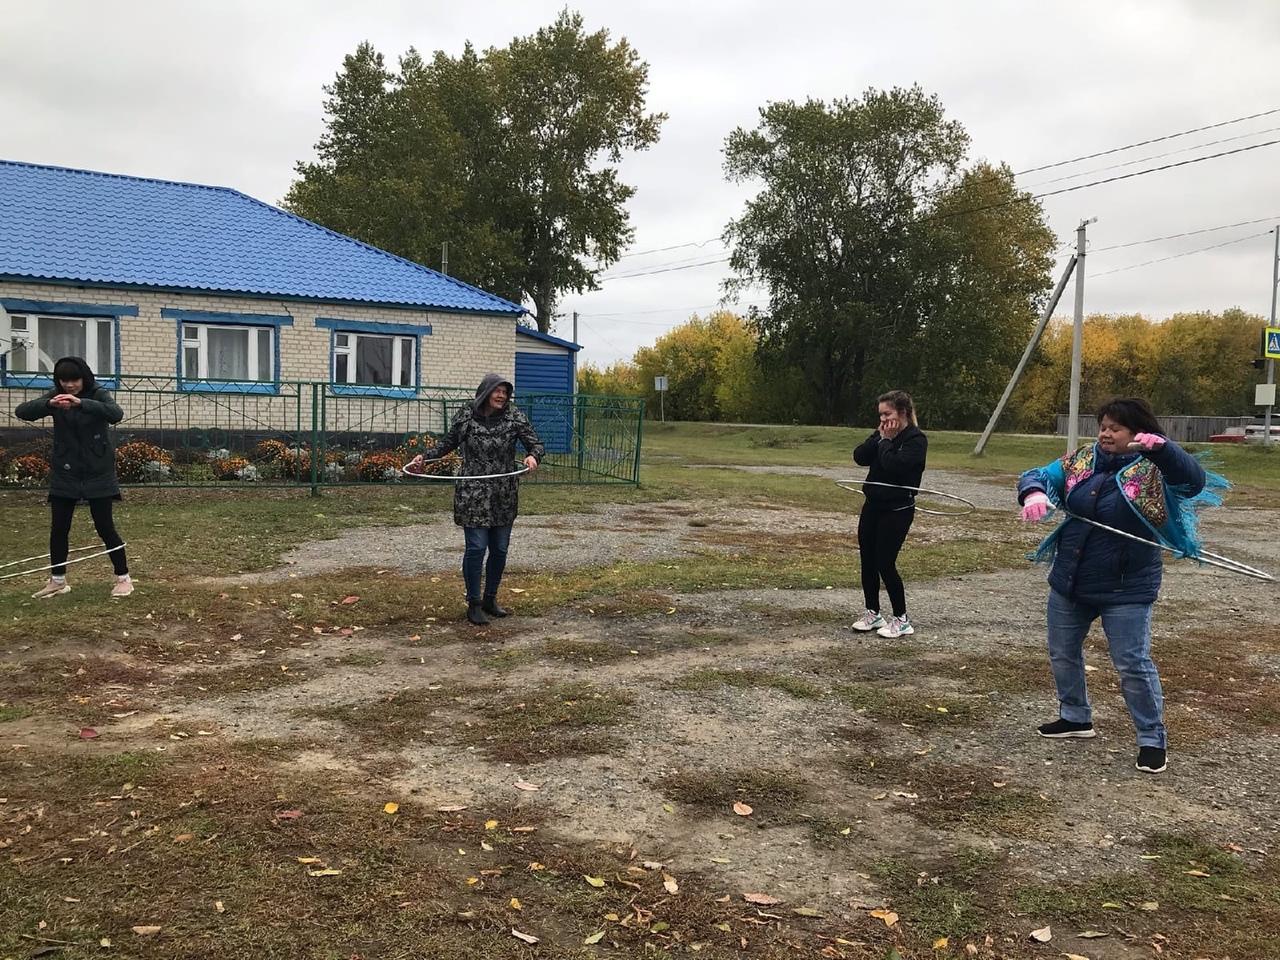 19 сентября на территориях всех сельских поселений Аромашевского района, перед избирательными участками, состоялся спортивный праздник проходивший в рамках мероприятий